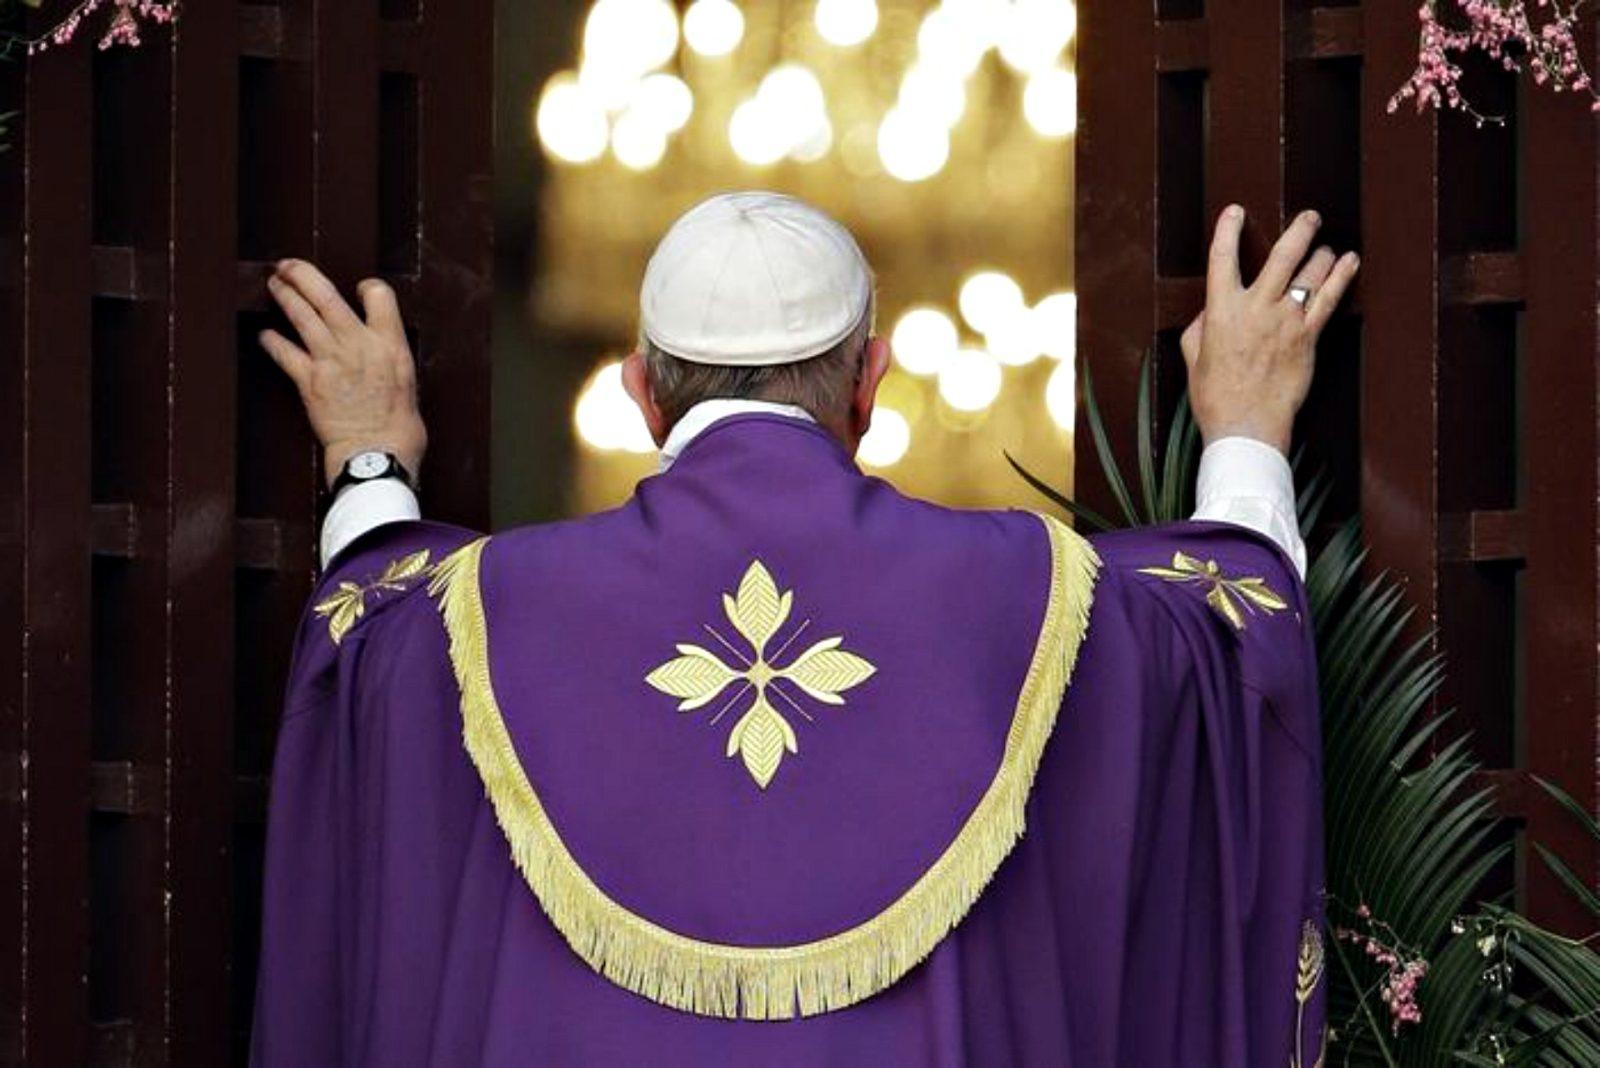 Il Papa apre la Porta Santa a Bangui, capitale spirituale del mondo